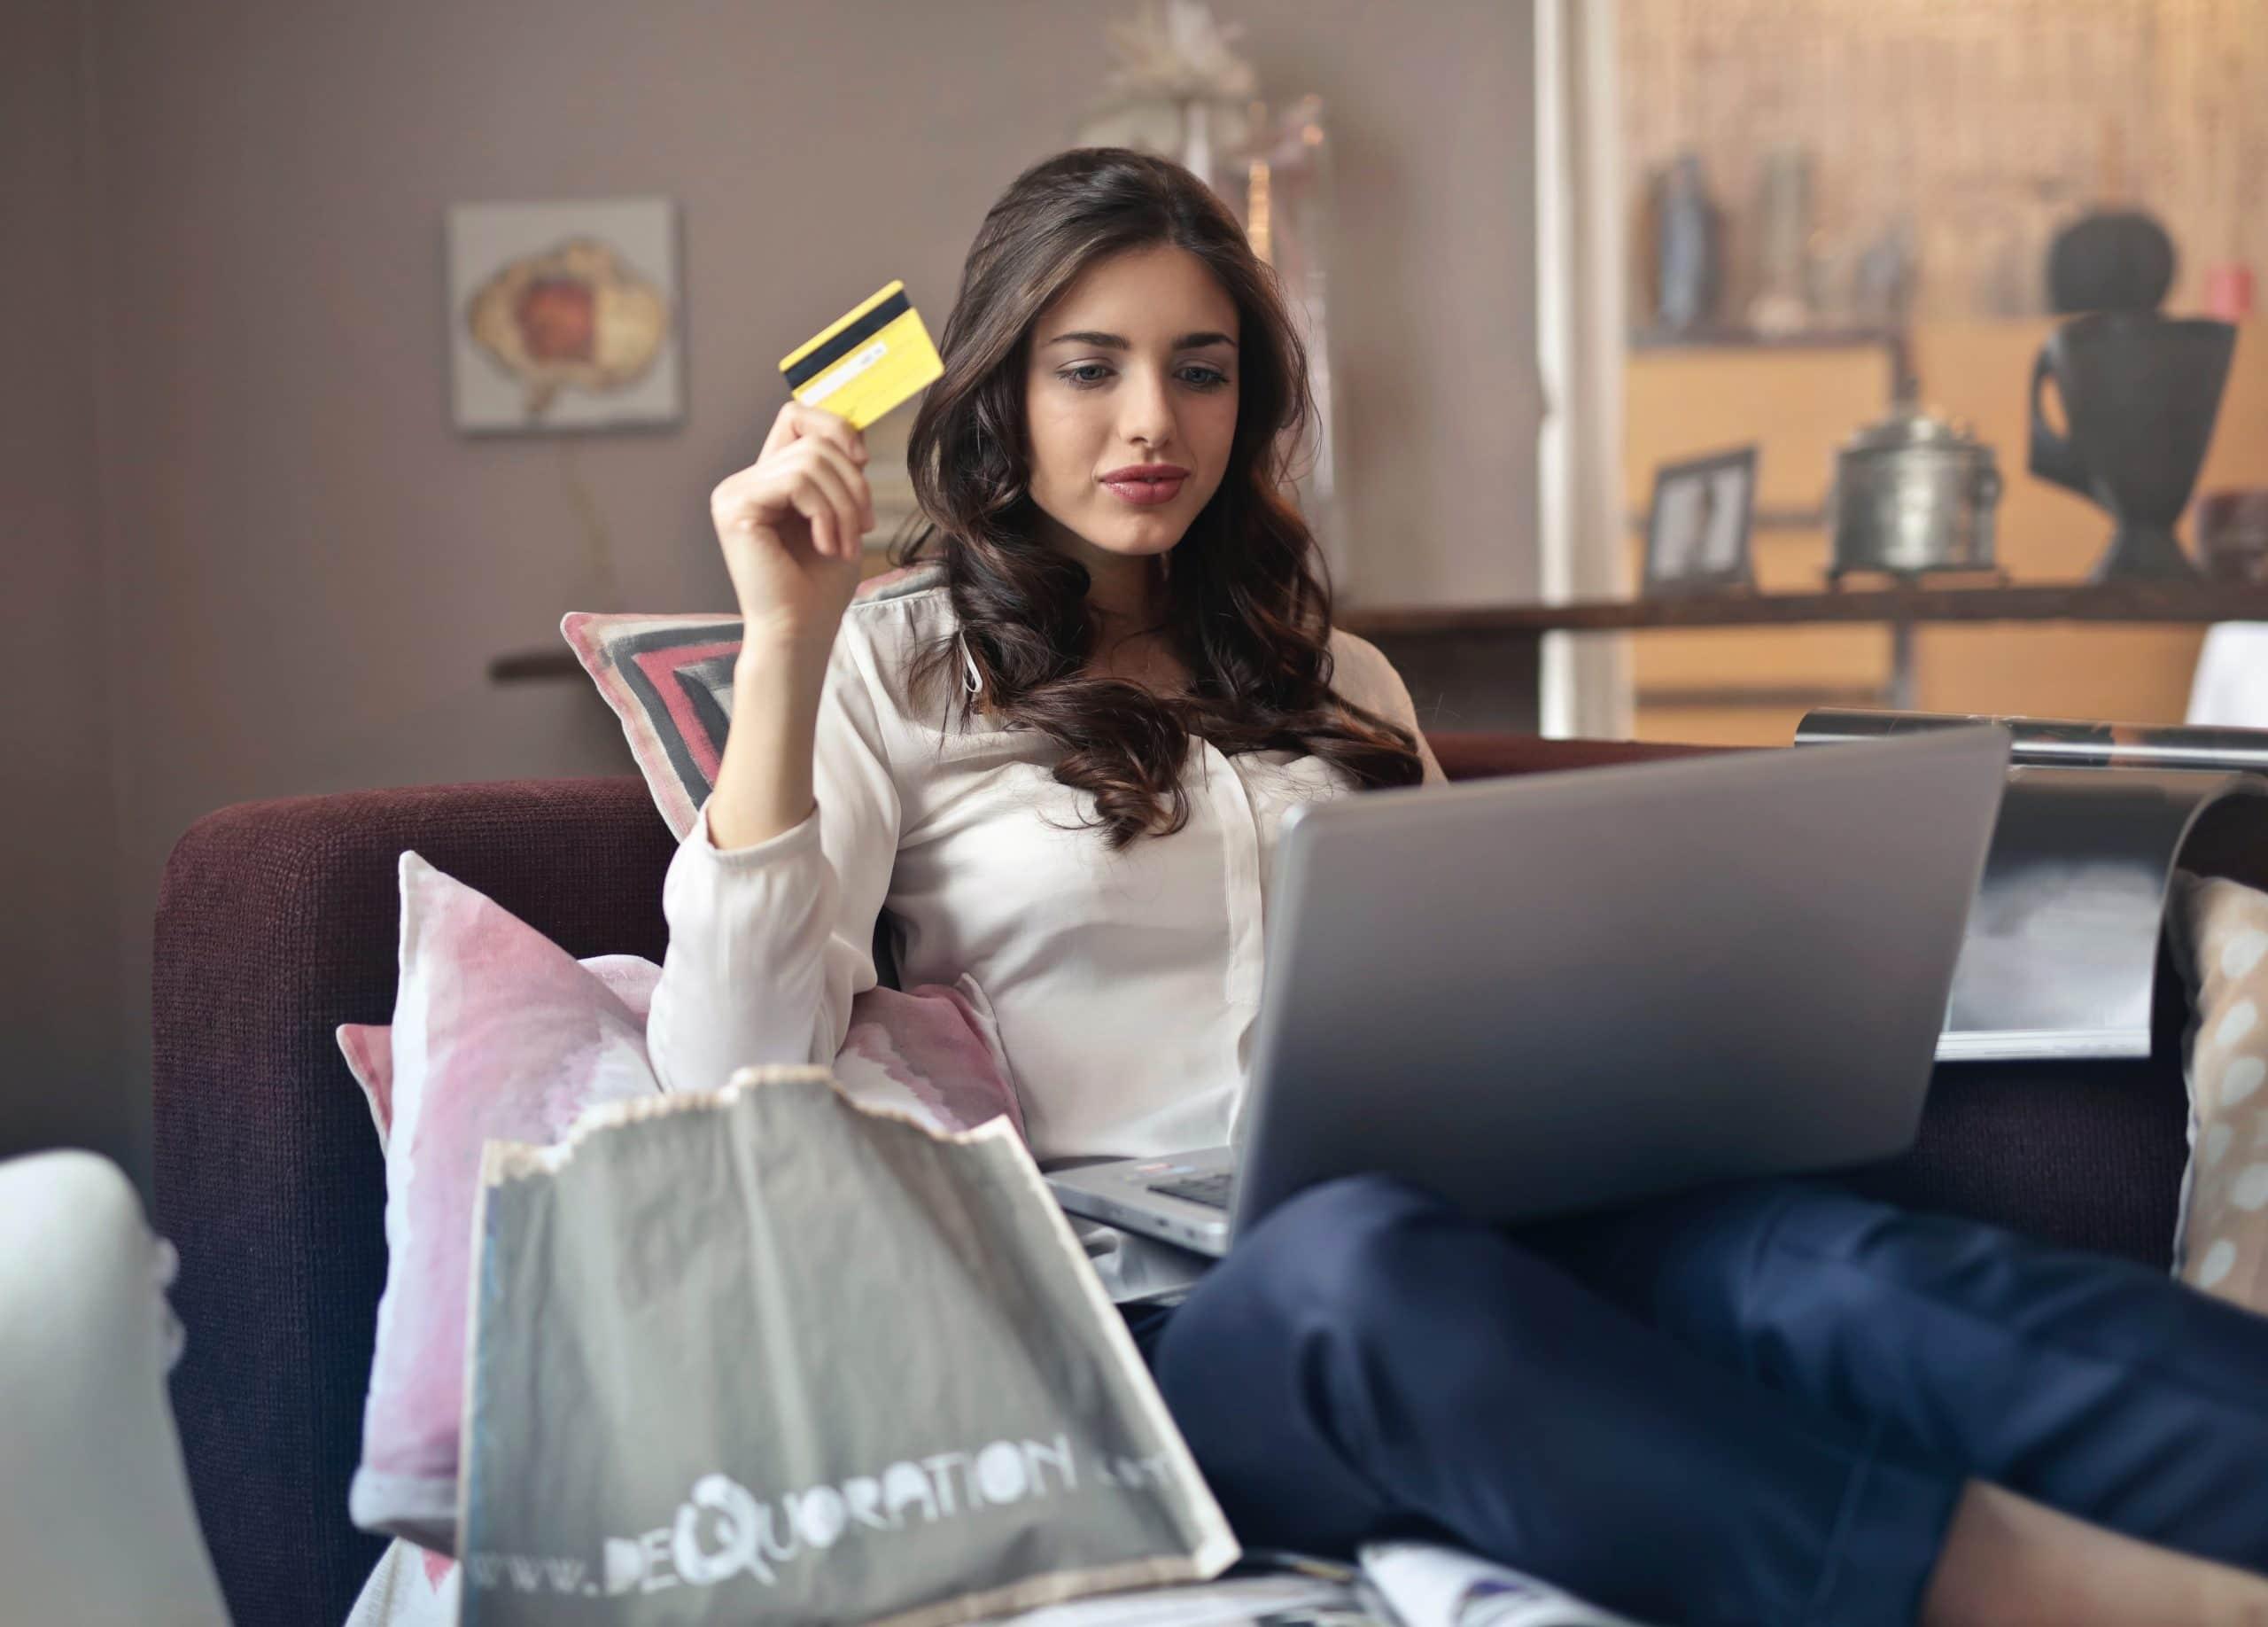 Mulher sentada no sofá com várias sacolas de compras, um computador no colo e um cartão de crédito na mão.